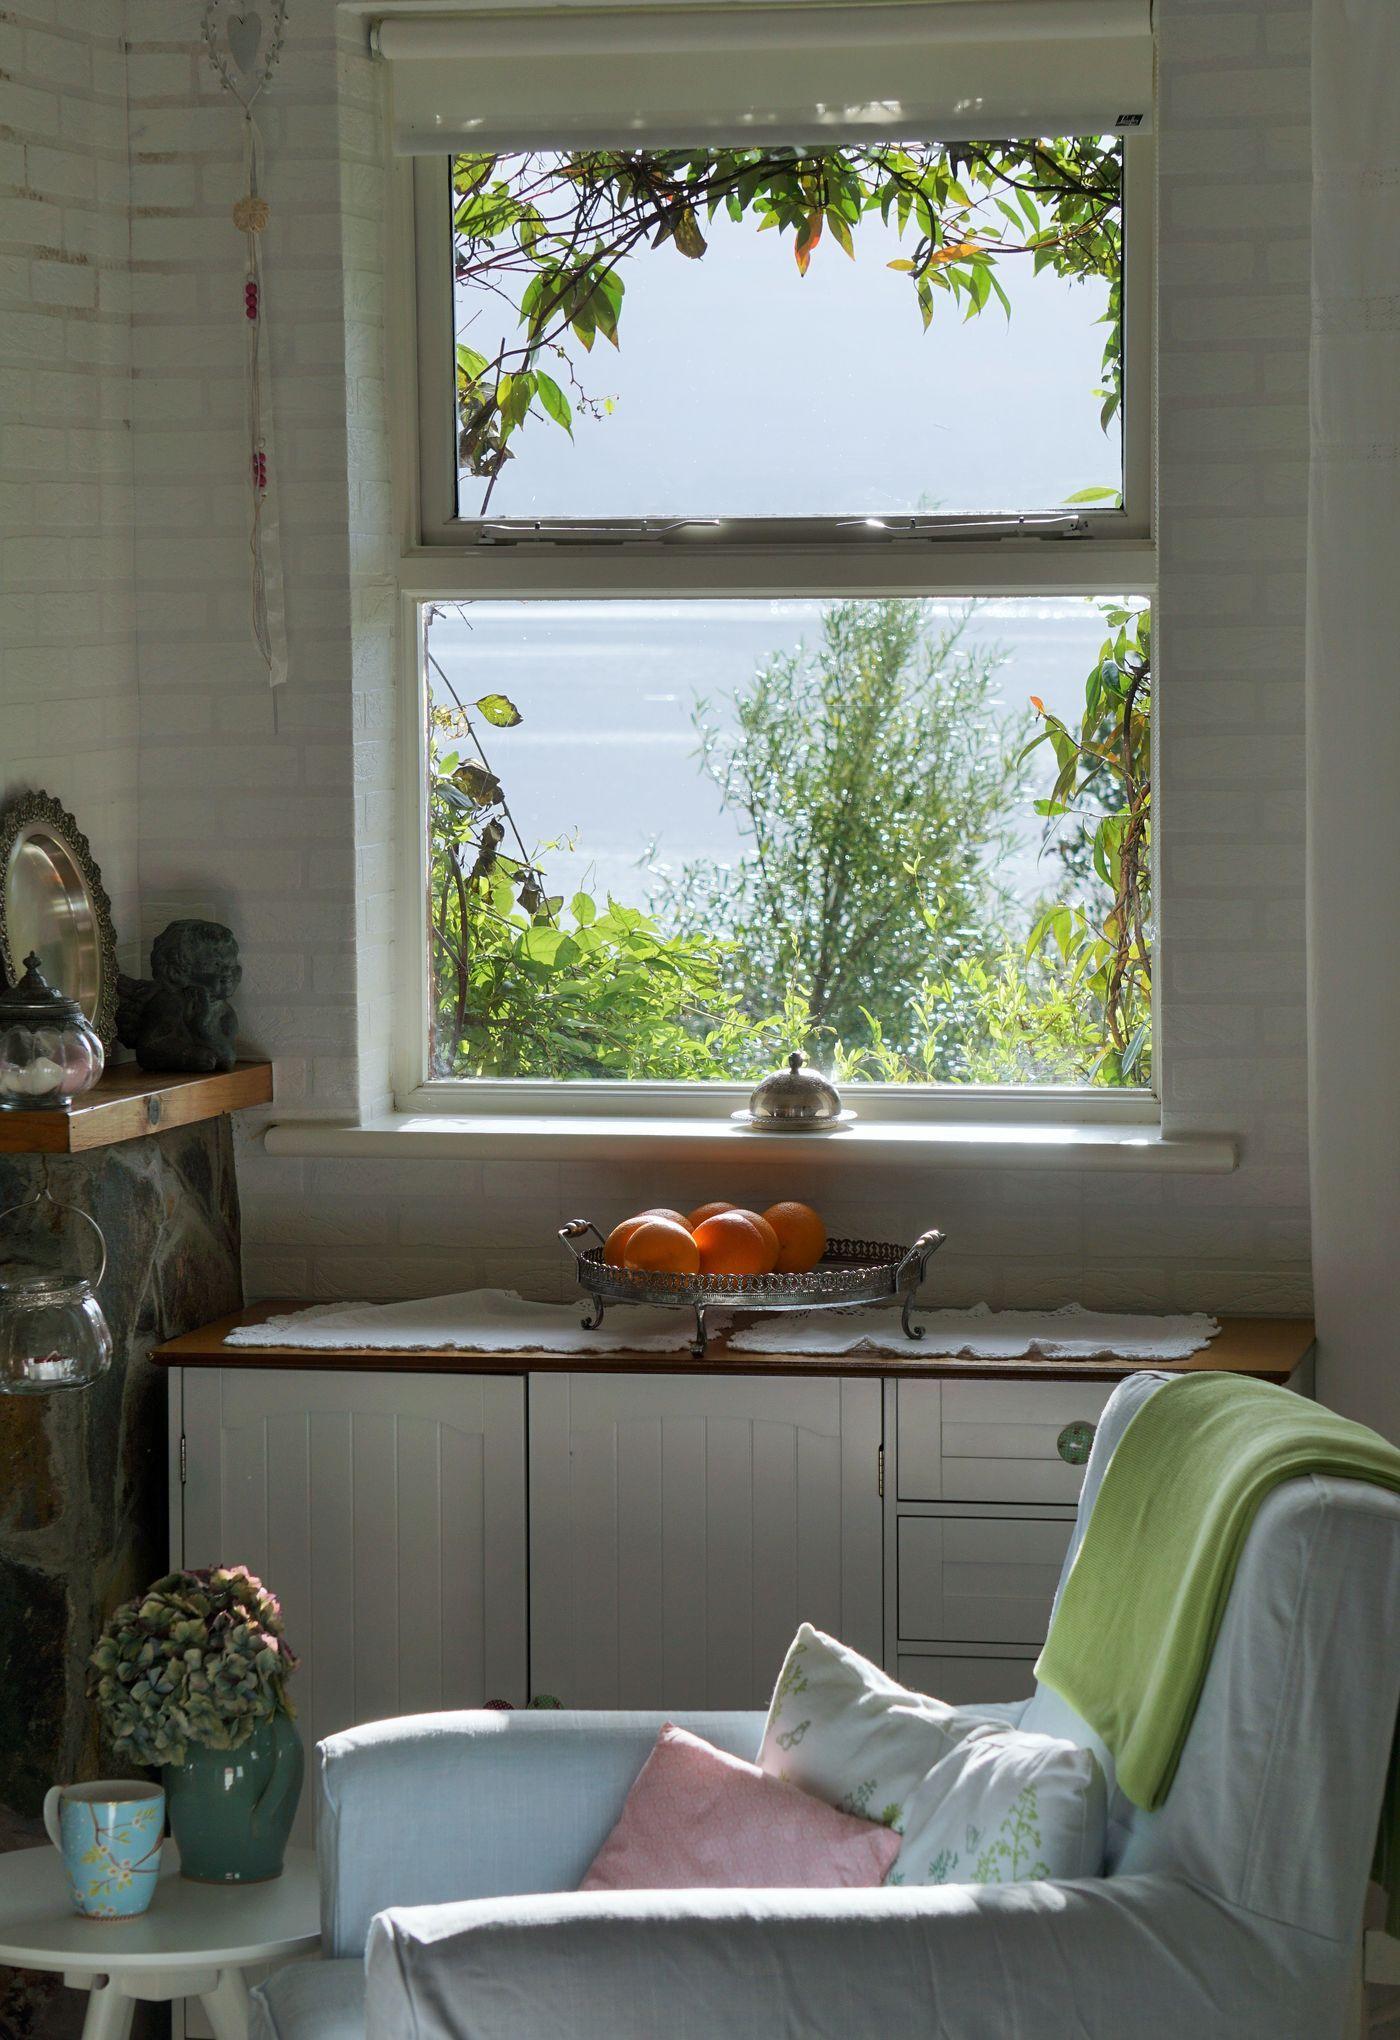 zimmer renovierung und dekoration shabby chic deko wohnzimmer, die schönsten shabby chic einrichtungsideen, Innenarchitektur